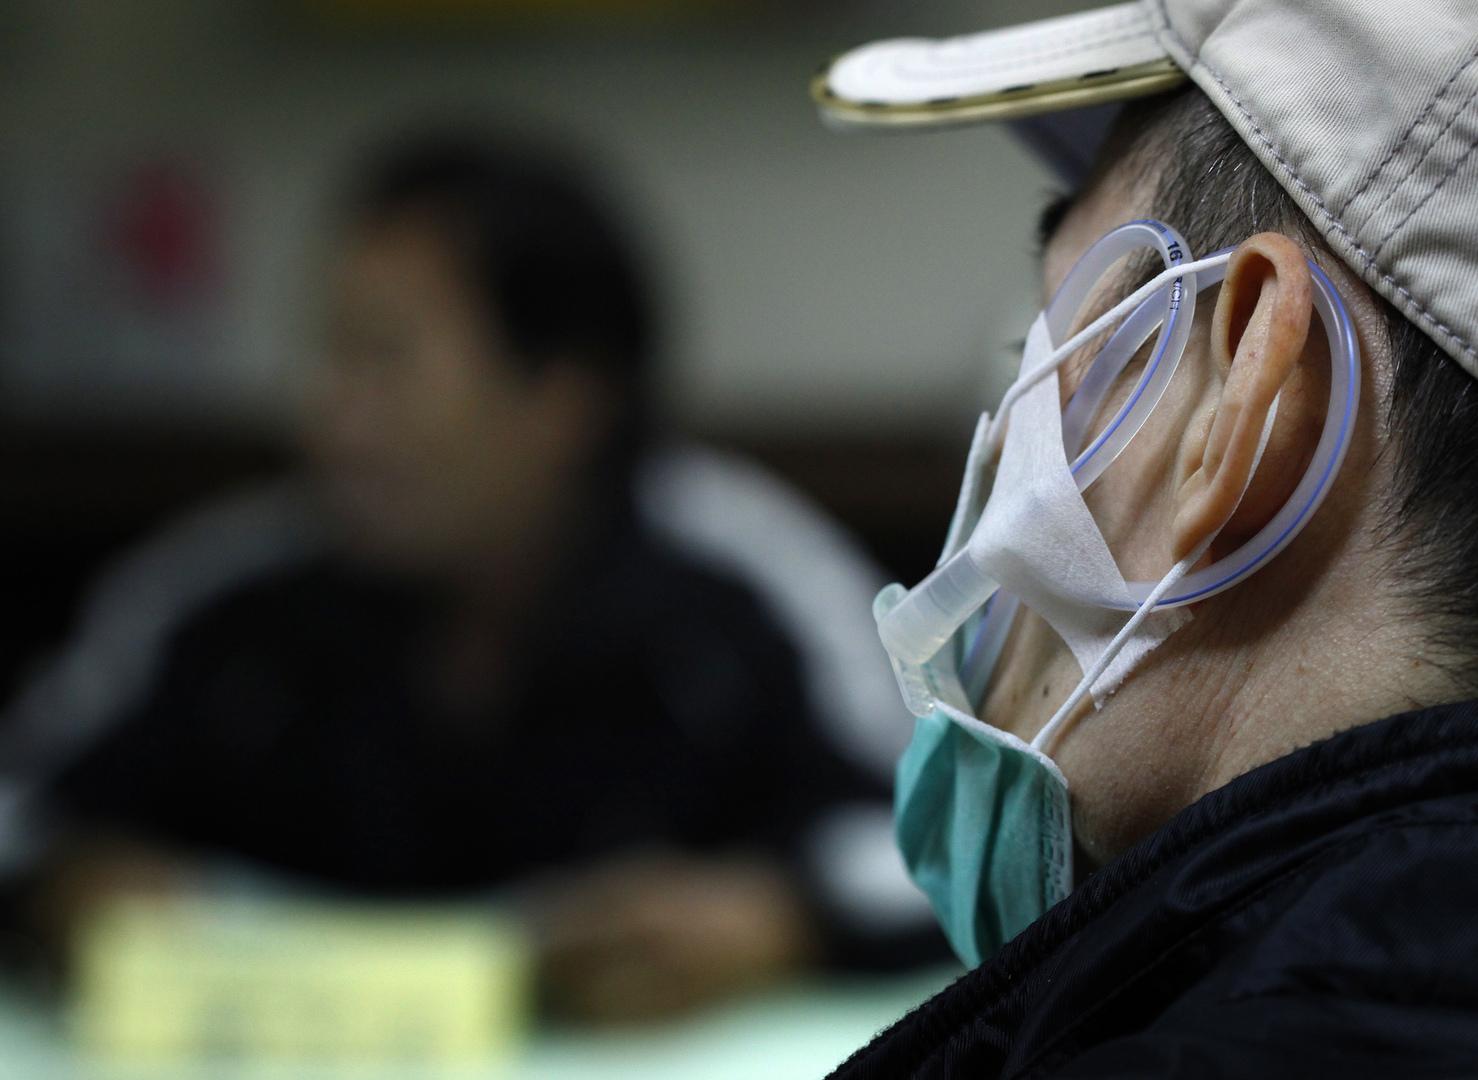 خبراء: 3 أعراض على اللسان قد تكون مؤشرا على الإصابة بالسرطان